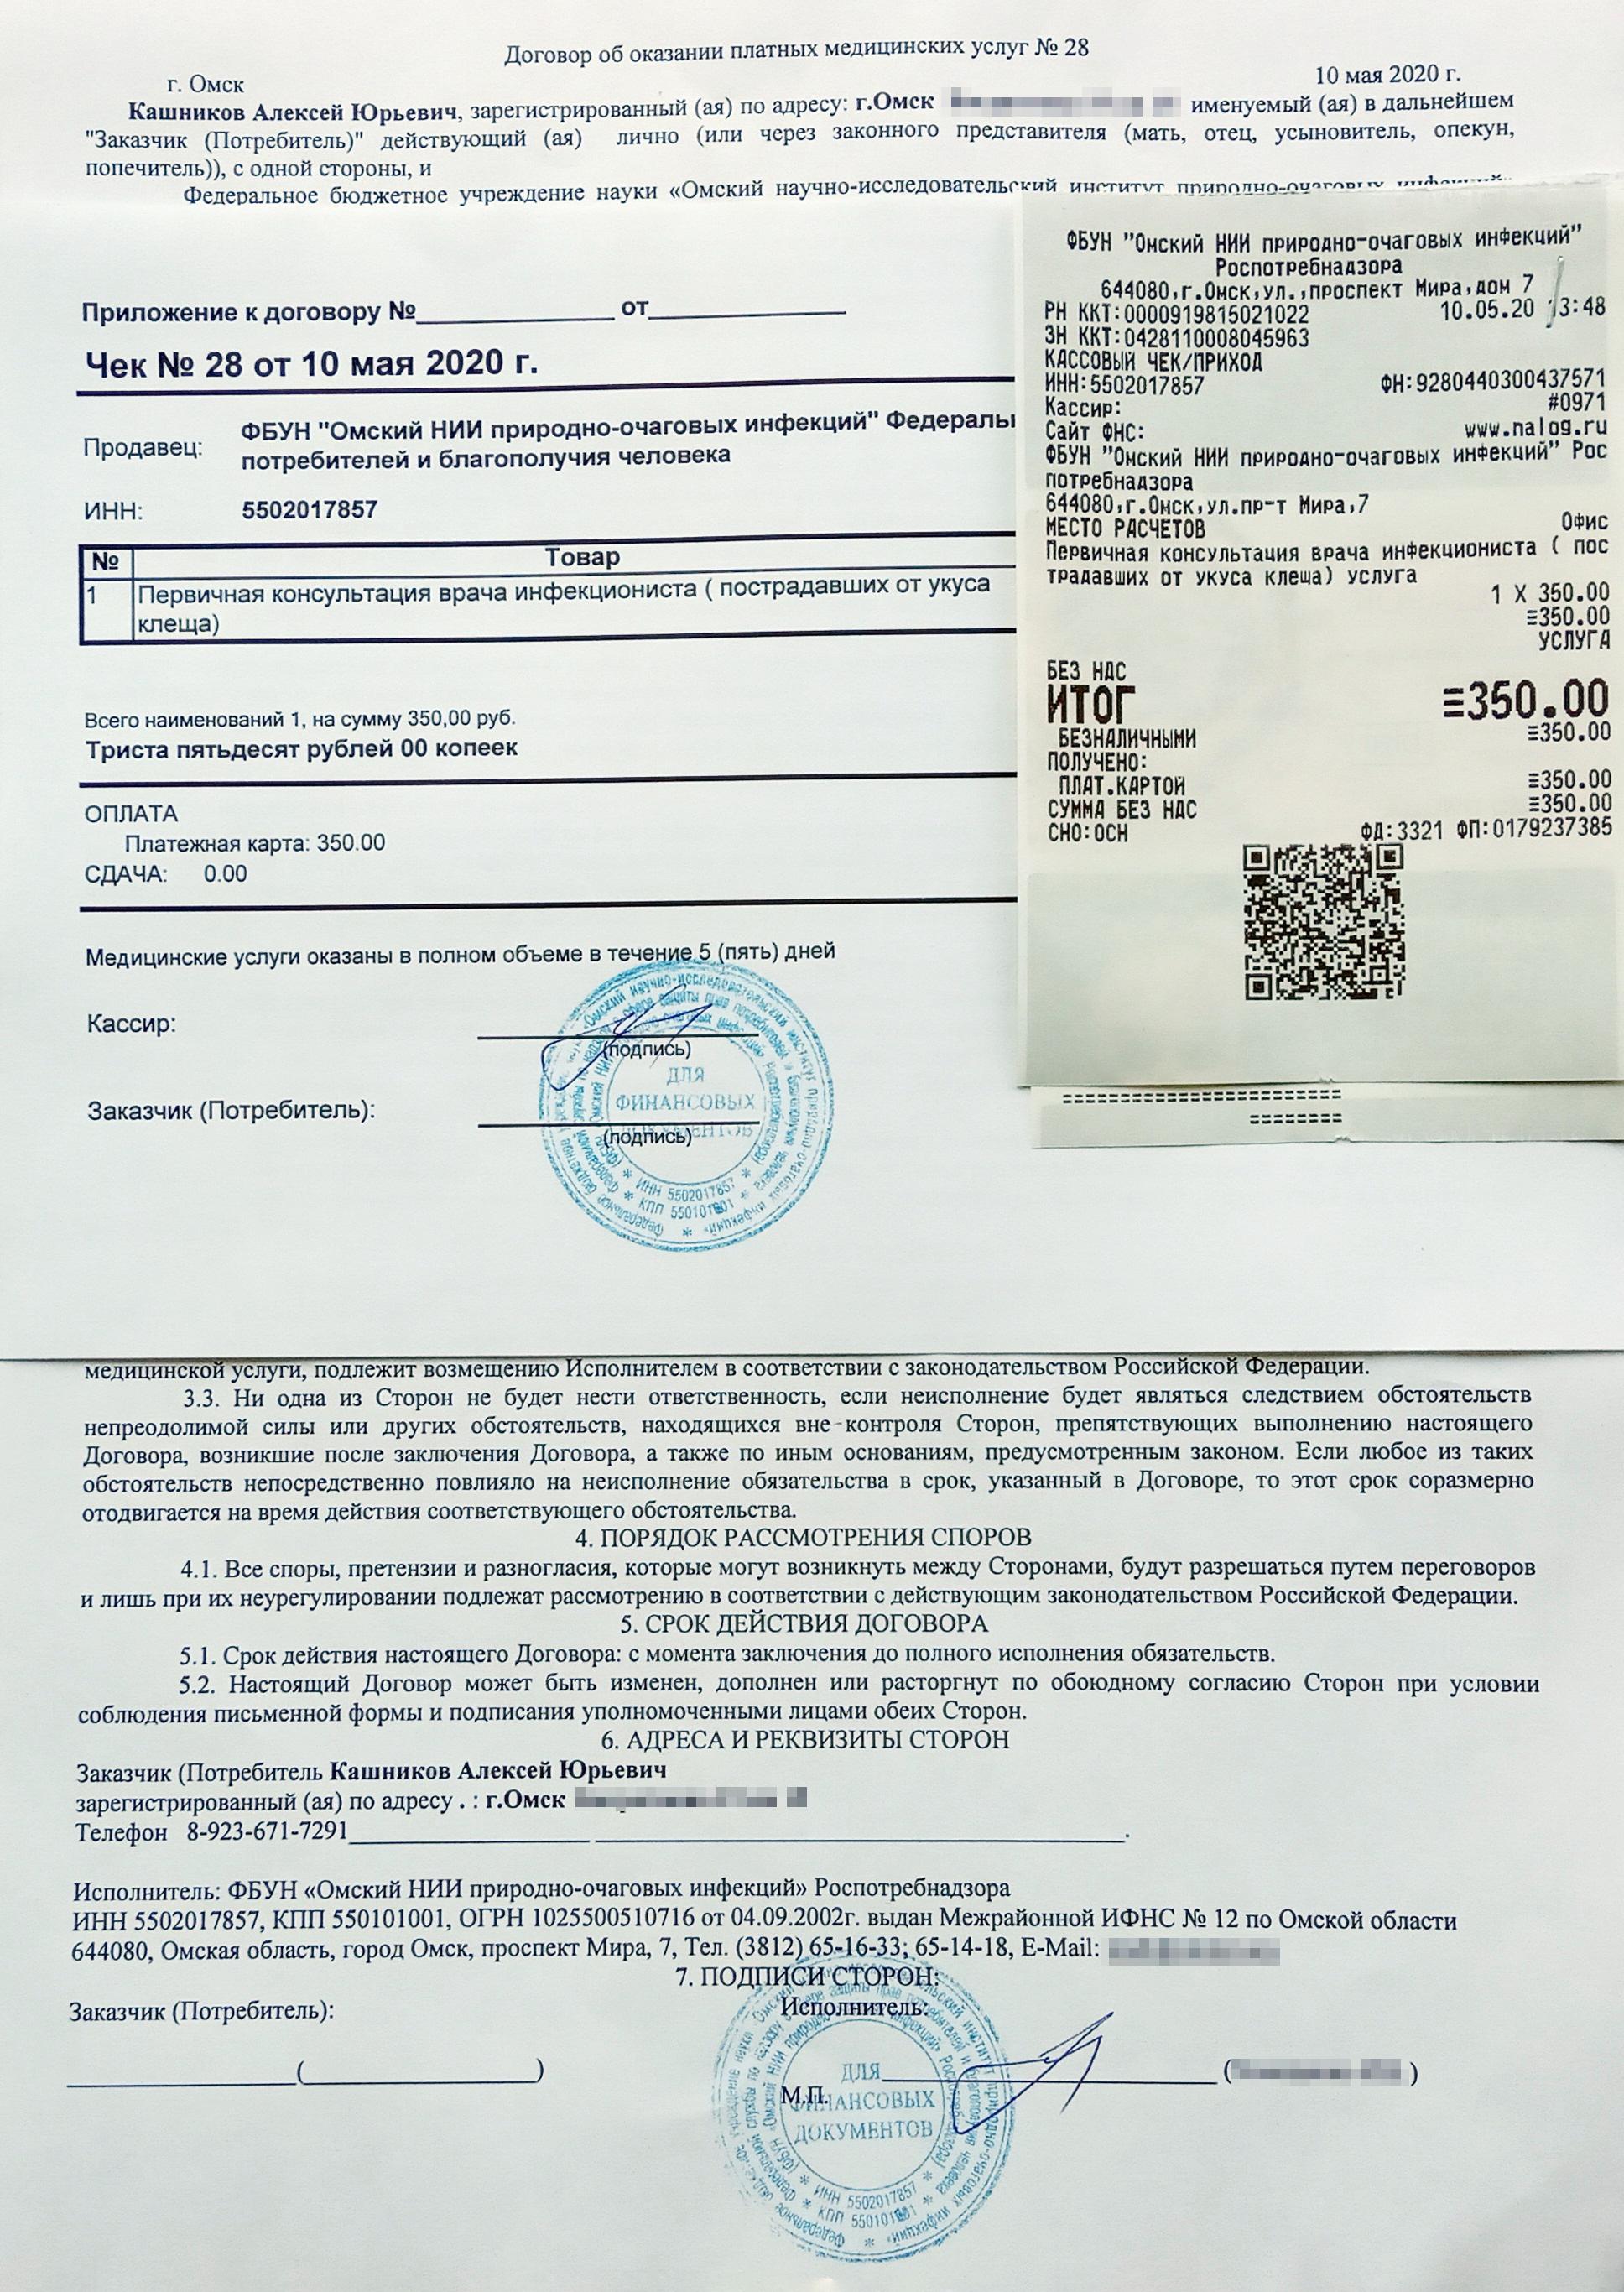 Чтобы получить вычет, сначала нужно собрать подтверждения, что вы лечились и платили: договоры, чеки и справки из клиники